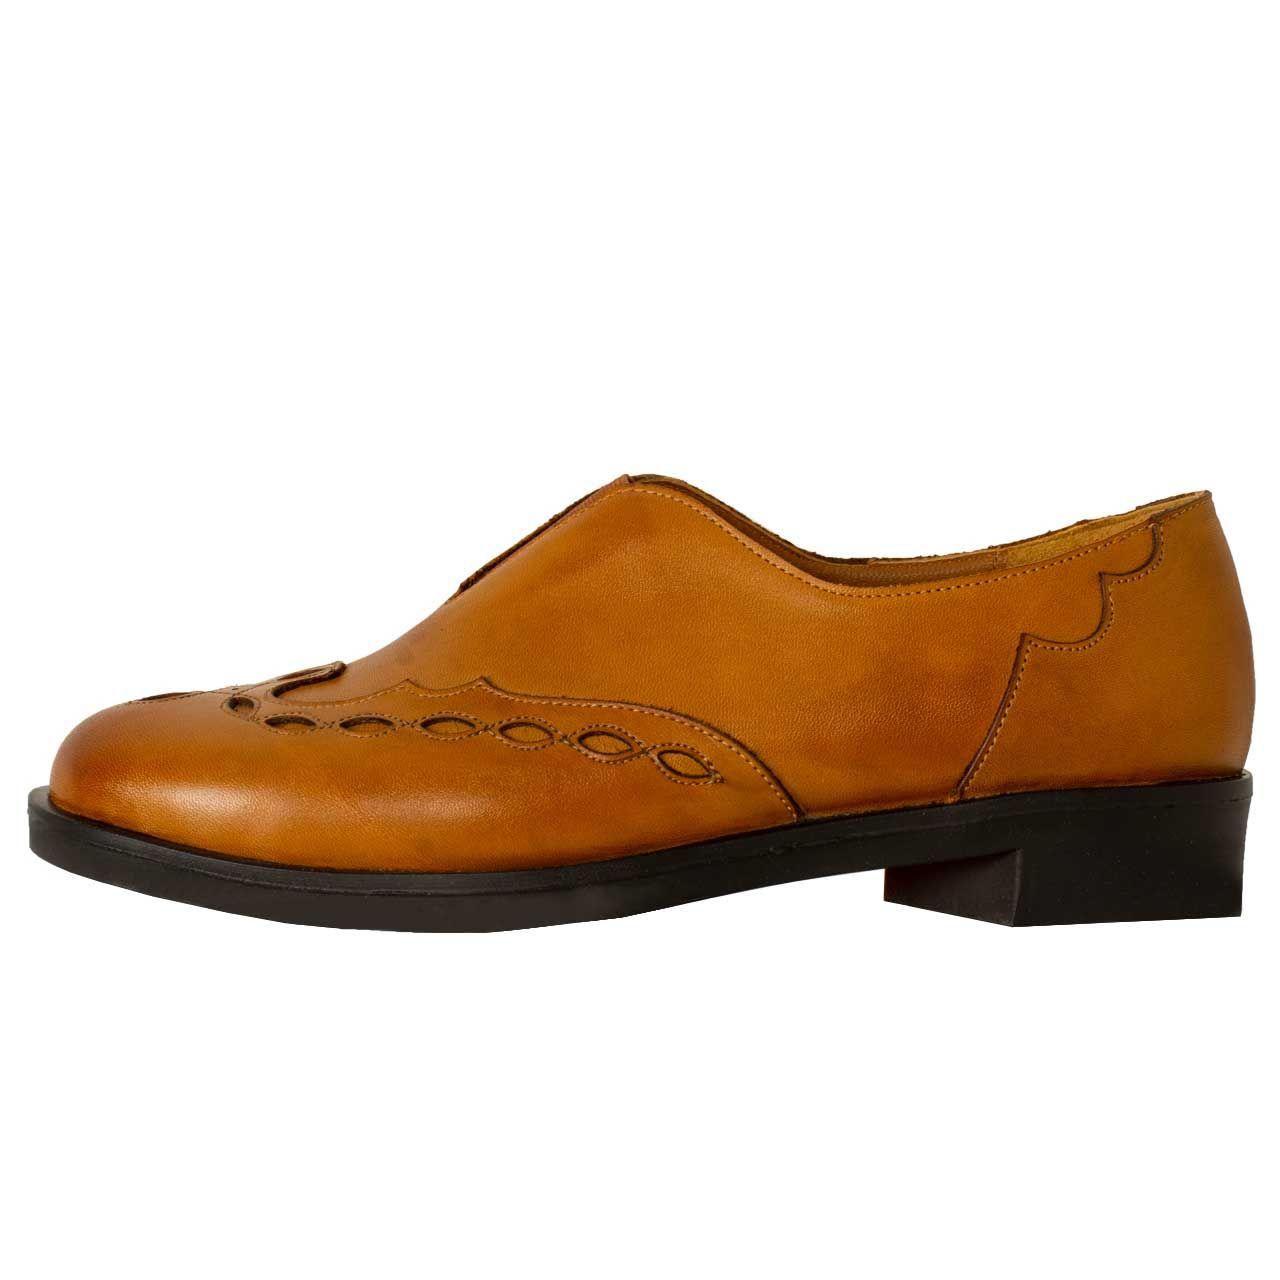 کفش زنانه پارینه چرم مدل show61-1